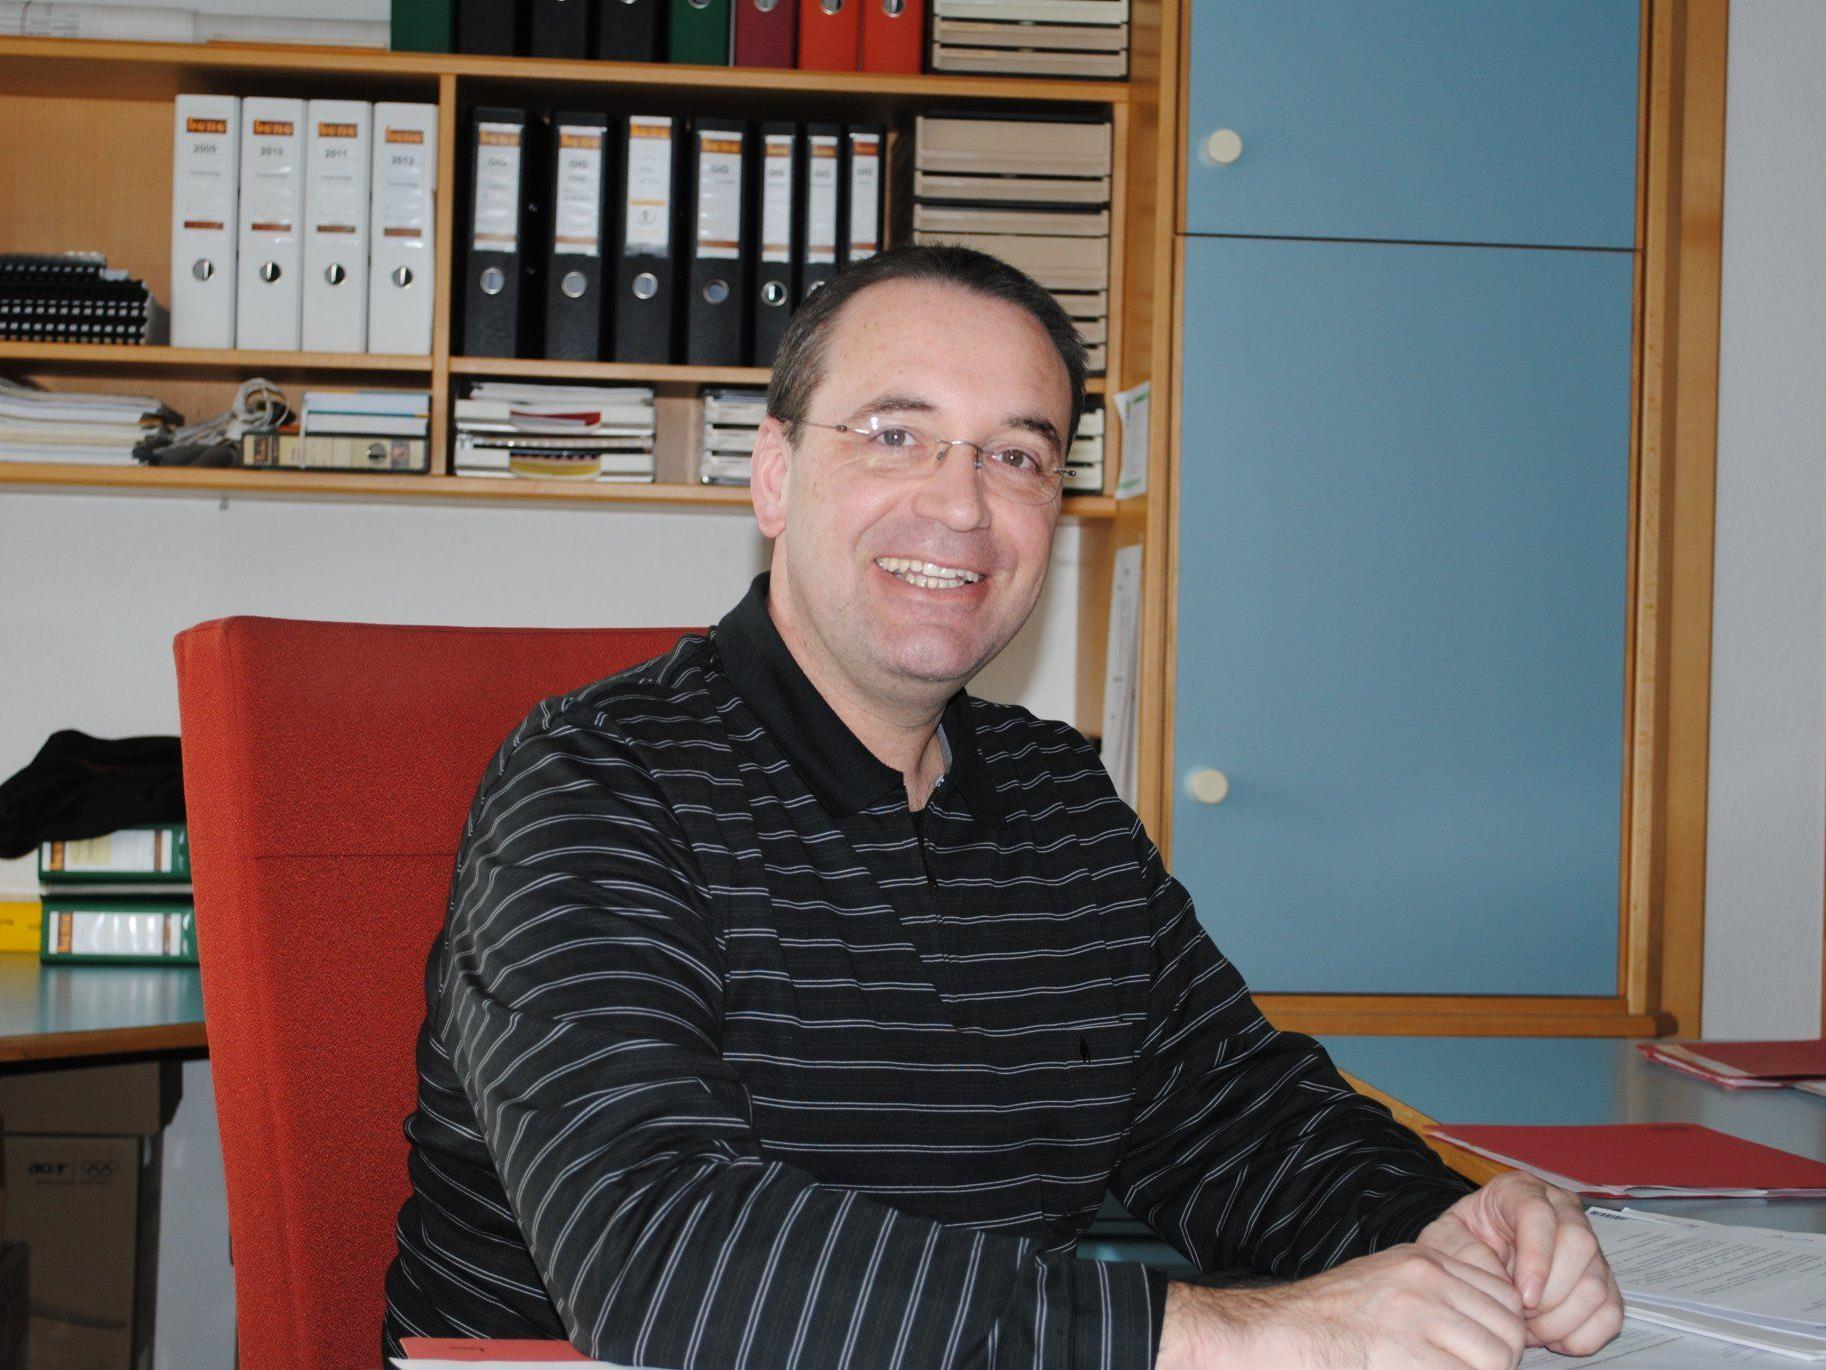 Mit den beschlossenen Änderungen erfolgt auch eine Entlastung des Gemeindekassiers Josef Sailer.